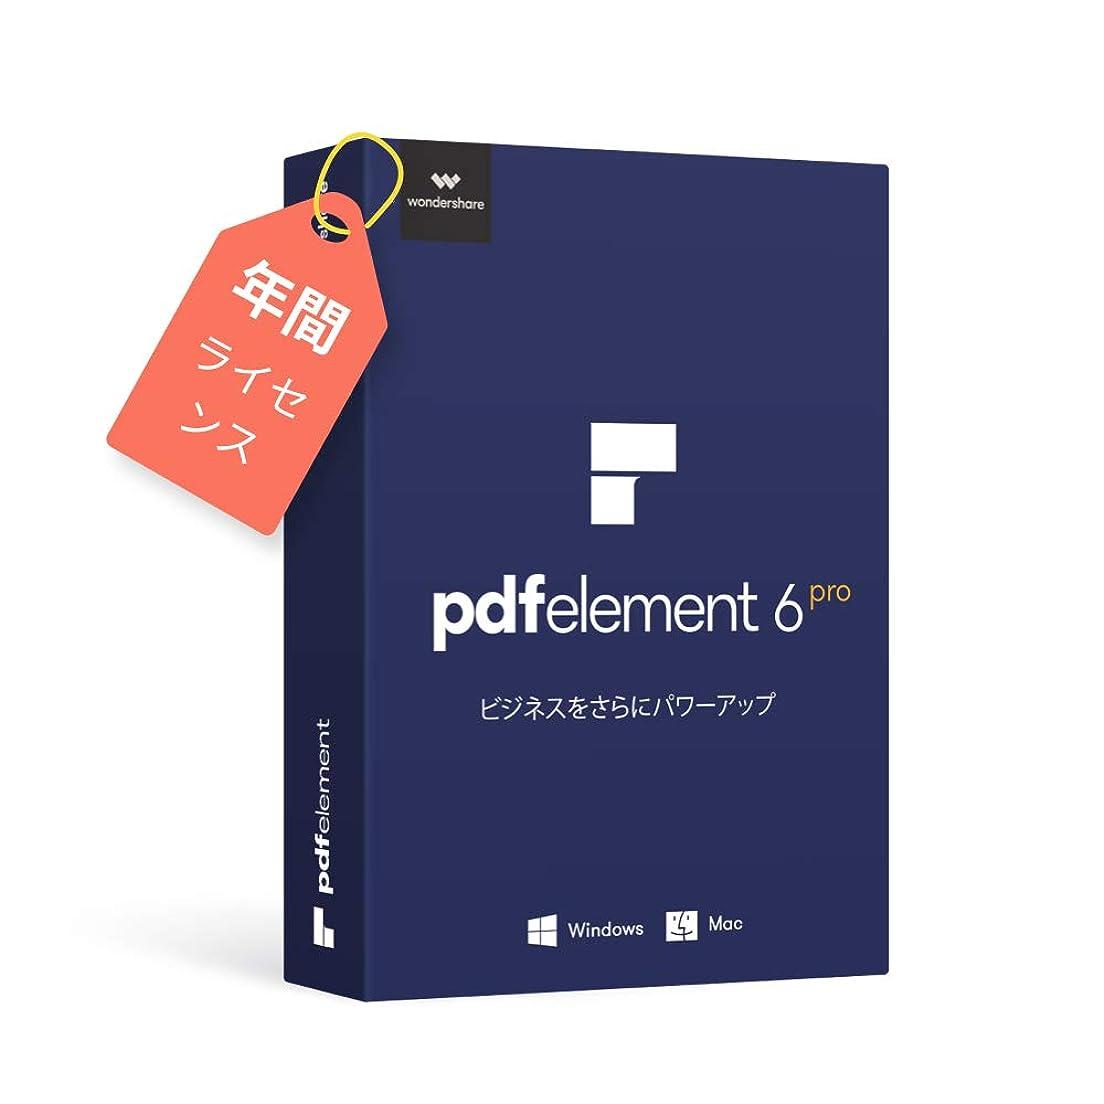 分類結核シチリアWondershare PDFelement 6 Pro 年間ライセンス(Win版)PDF編集 変換 作成ソフト OCR機能|ワンダーシェアー